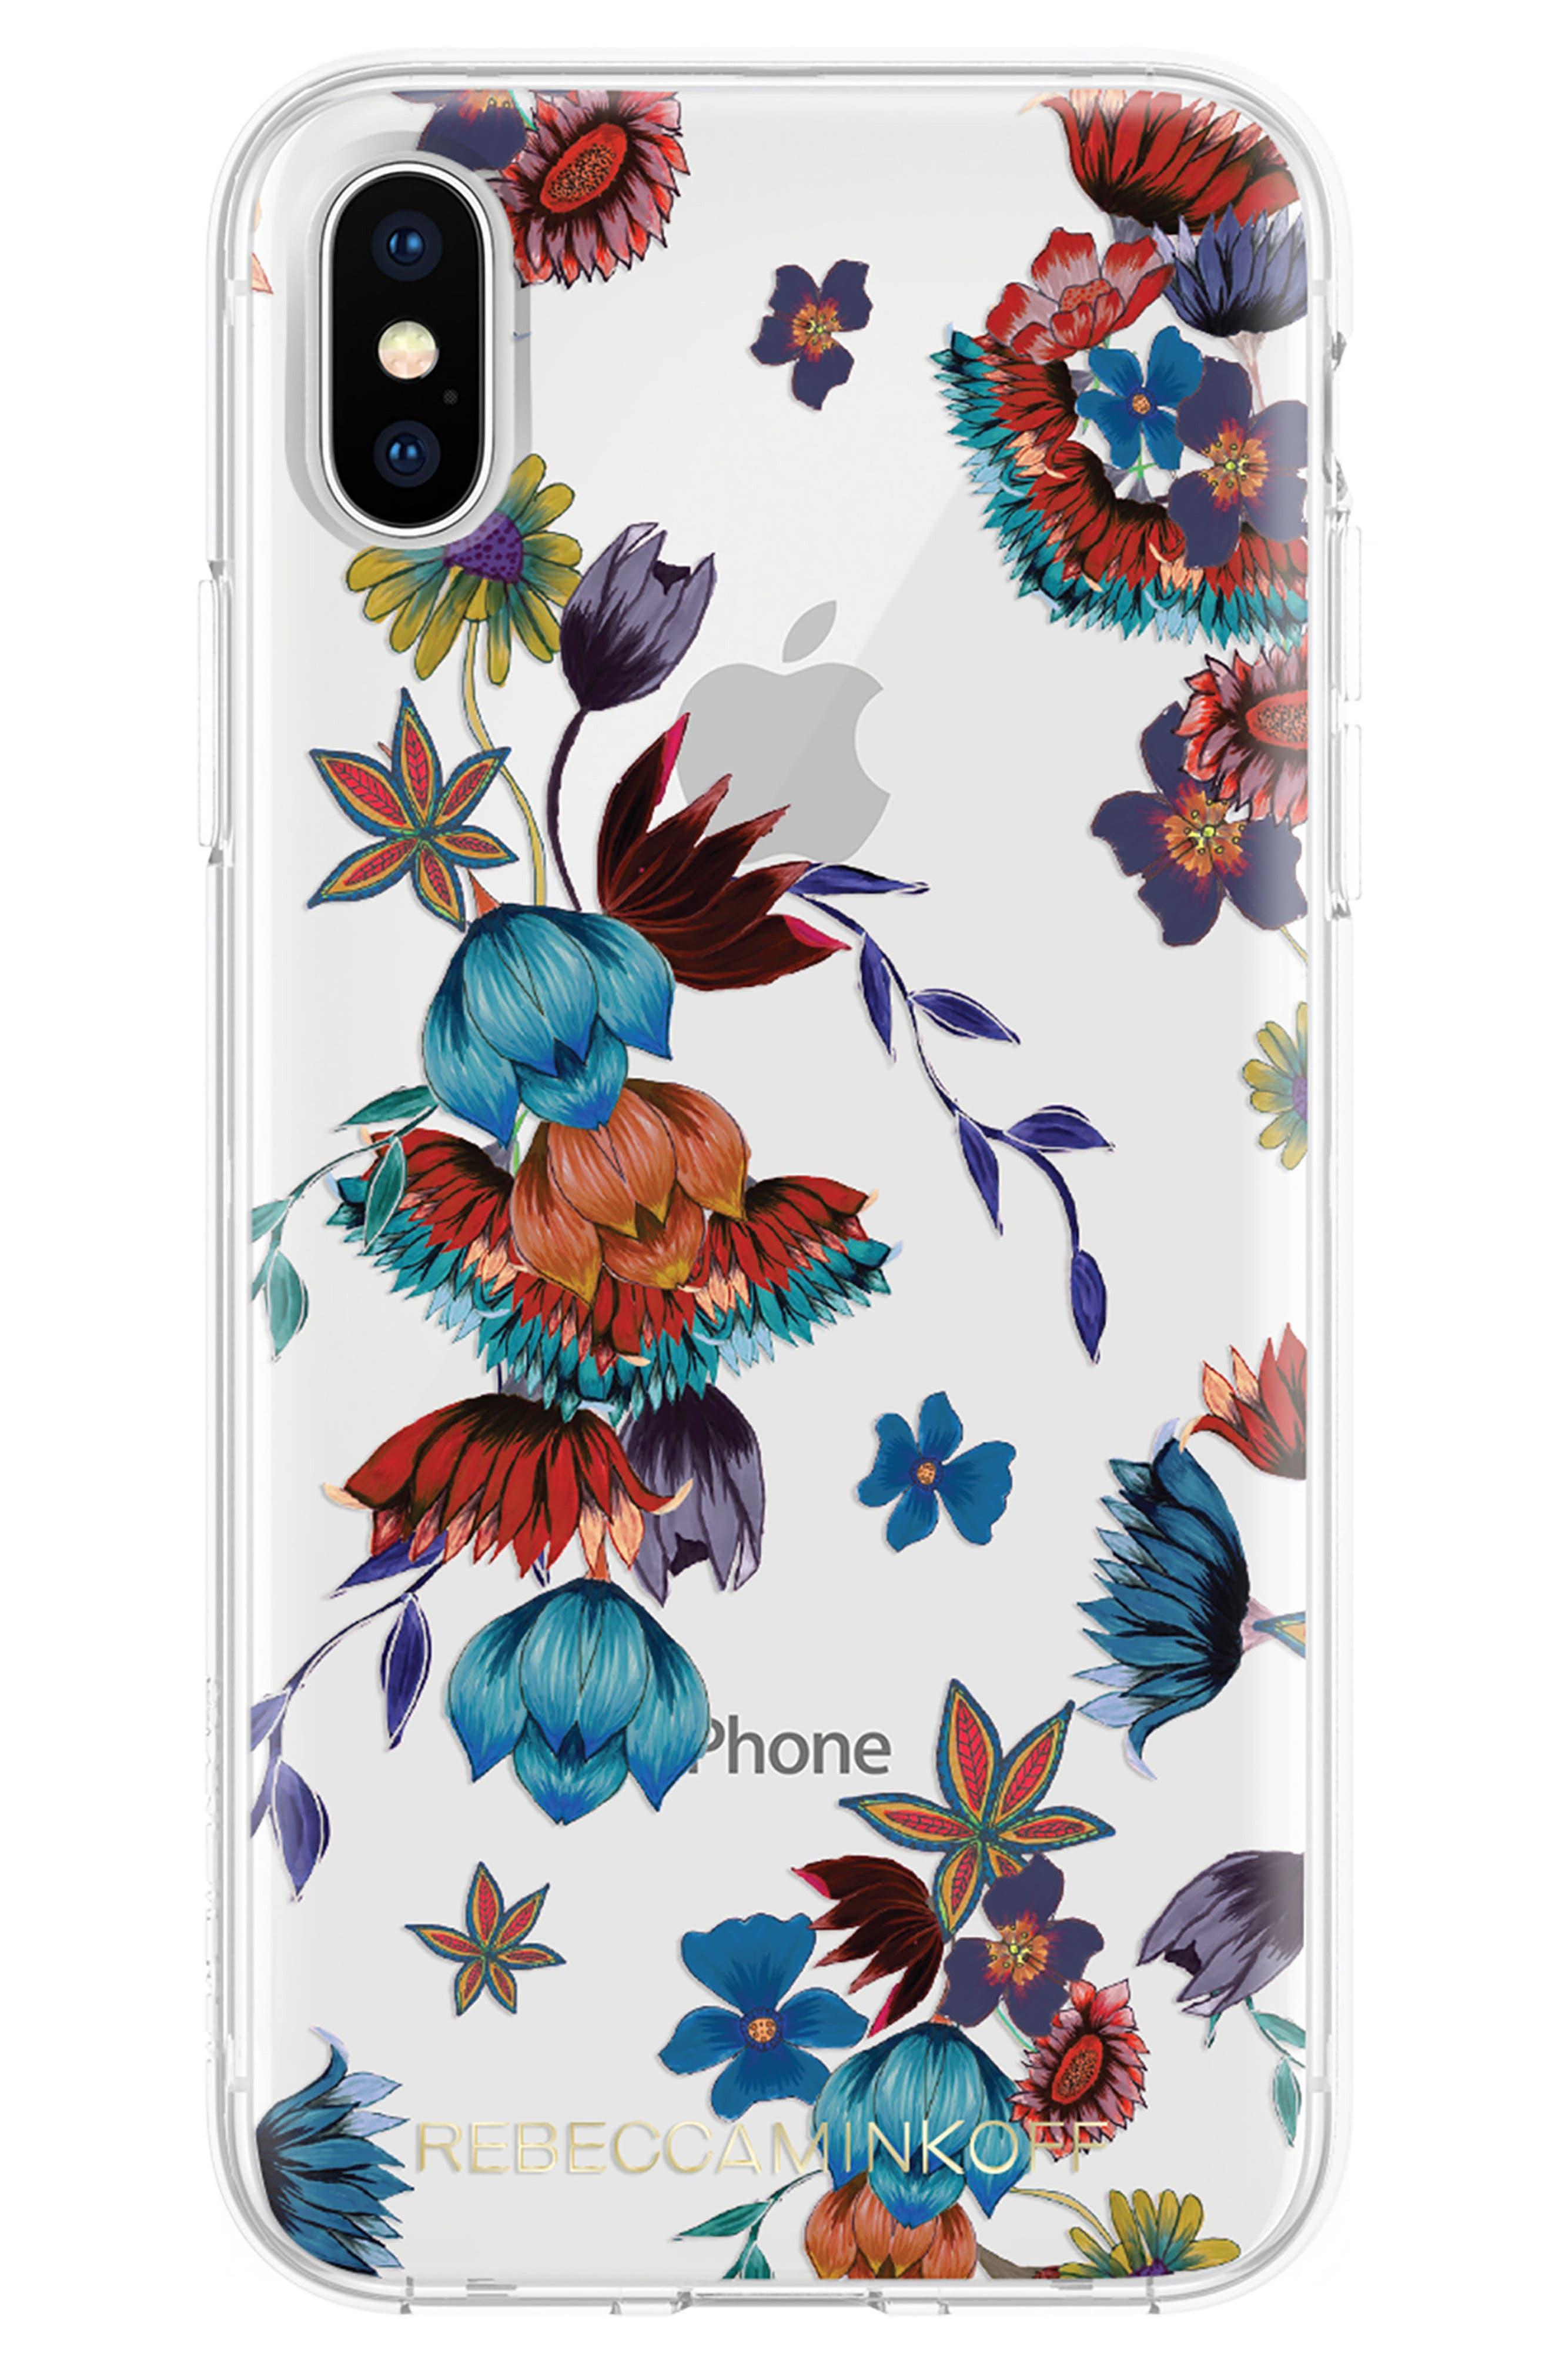 Punk Floral iPhone X/Xs Case,                             Main thumbnail 1, color,                             CLEAR / MULTI / GOLD FOIL